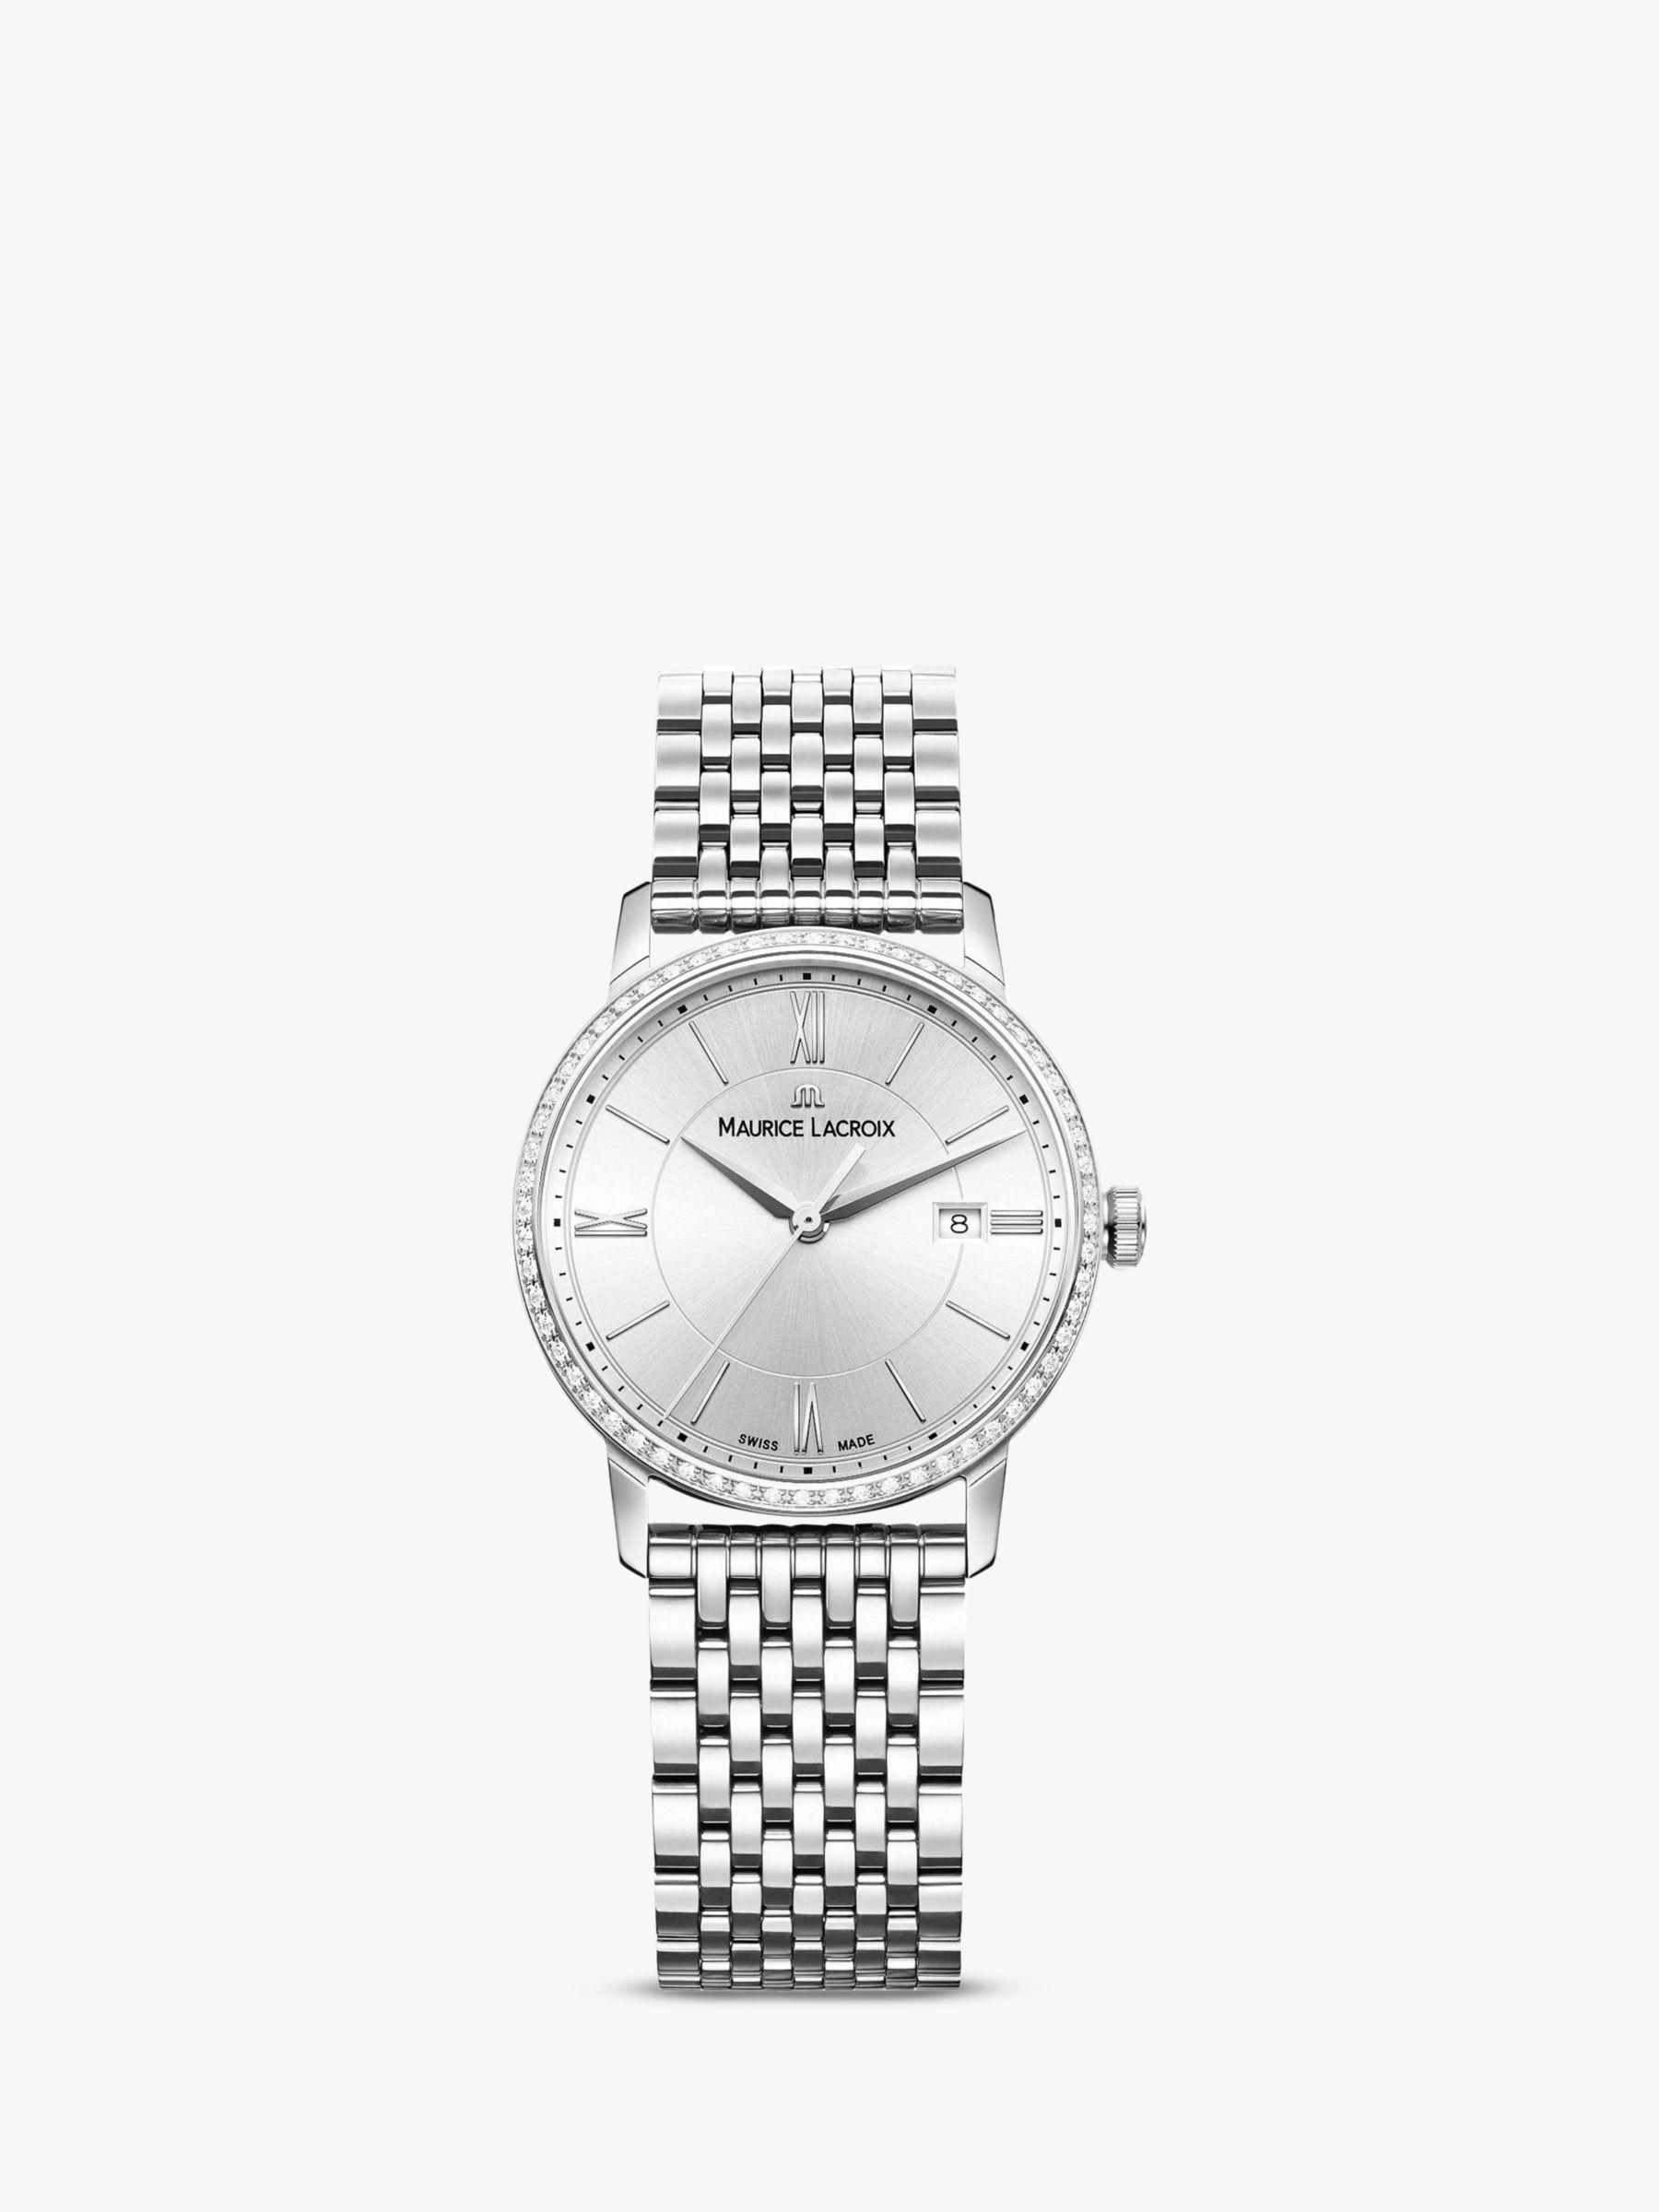 Maurice Lacroix Maurice Lacroix EL1094-SD502-110-1 Women's Eliros Diamond Date Bracelet Strap Watch, Silver